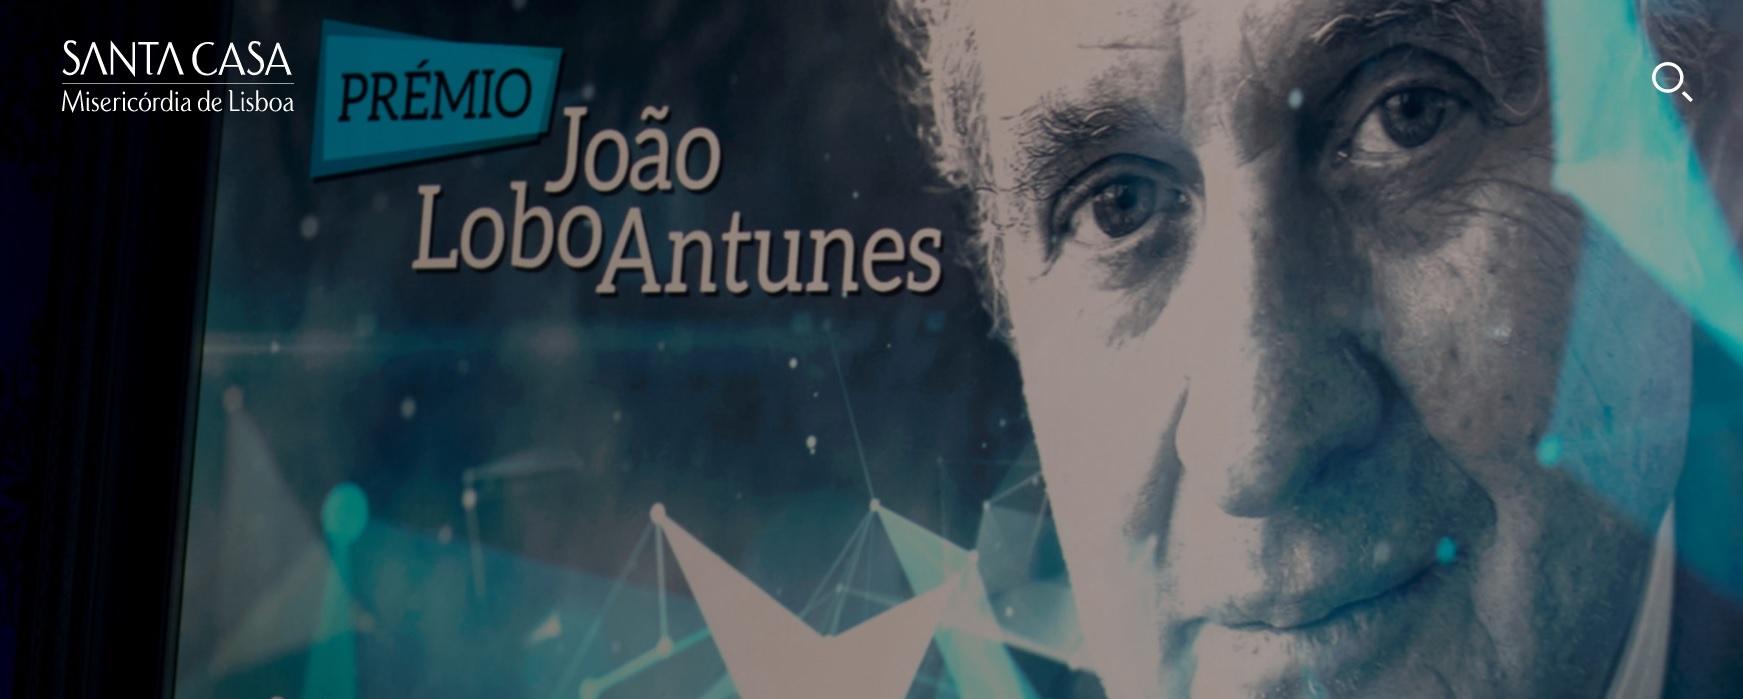 Prémio João Lobo Antunes para melhor projeto de investigação médica na área das neurociências